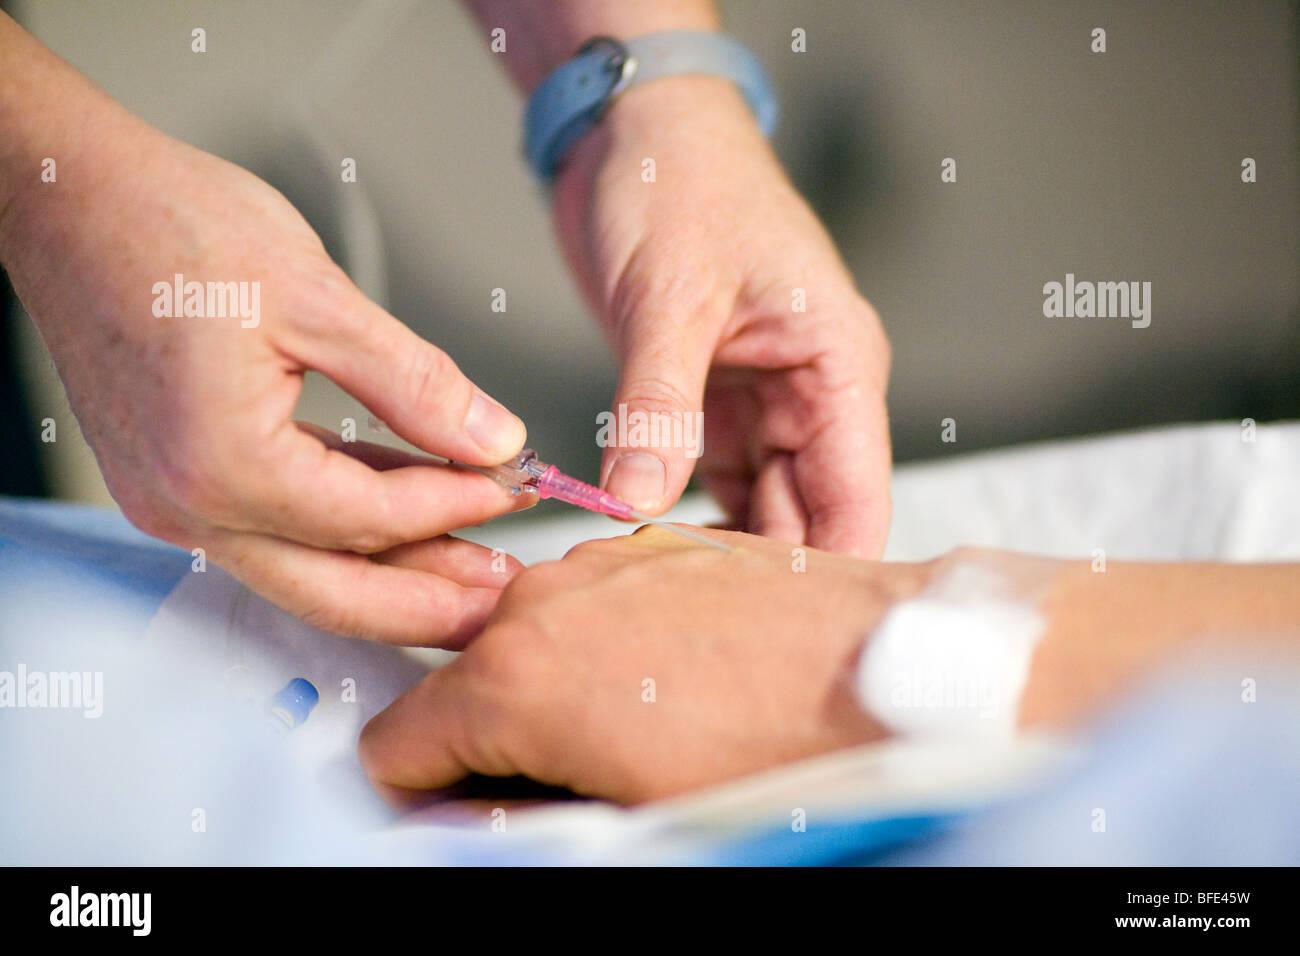 Close-up de main de femme sur le point de donner naissance à recevoir une solution intraveineuse, Châteauguay, Photo Stock